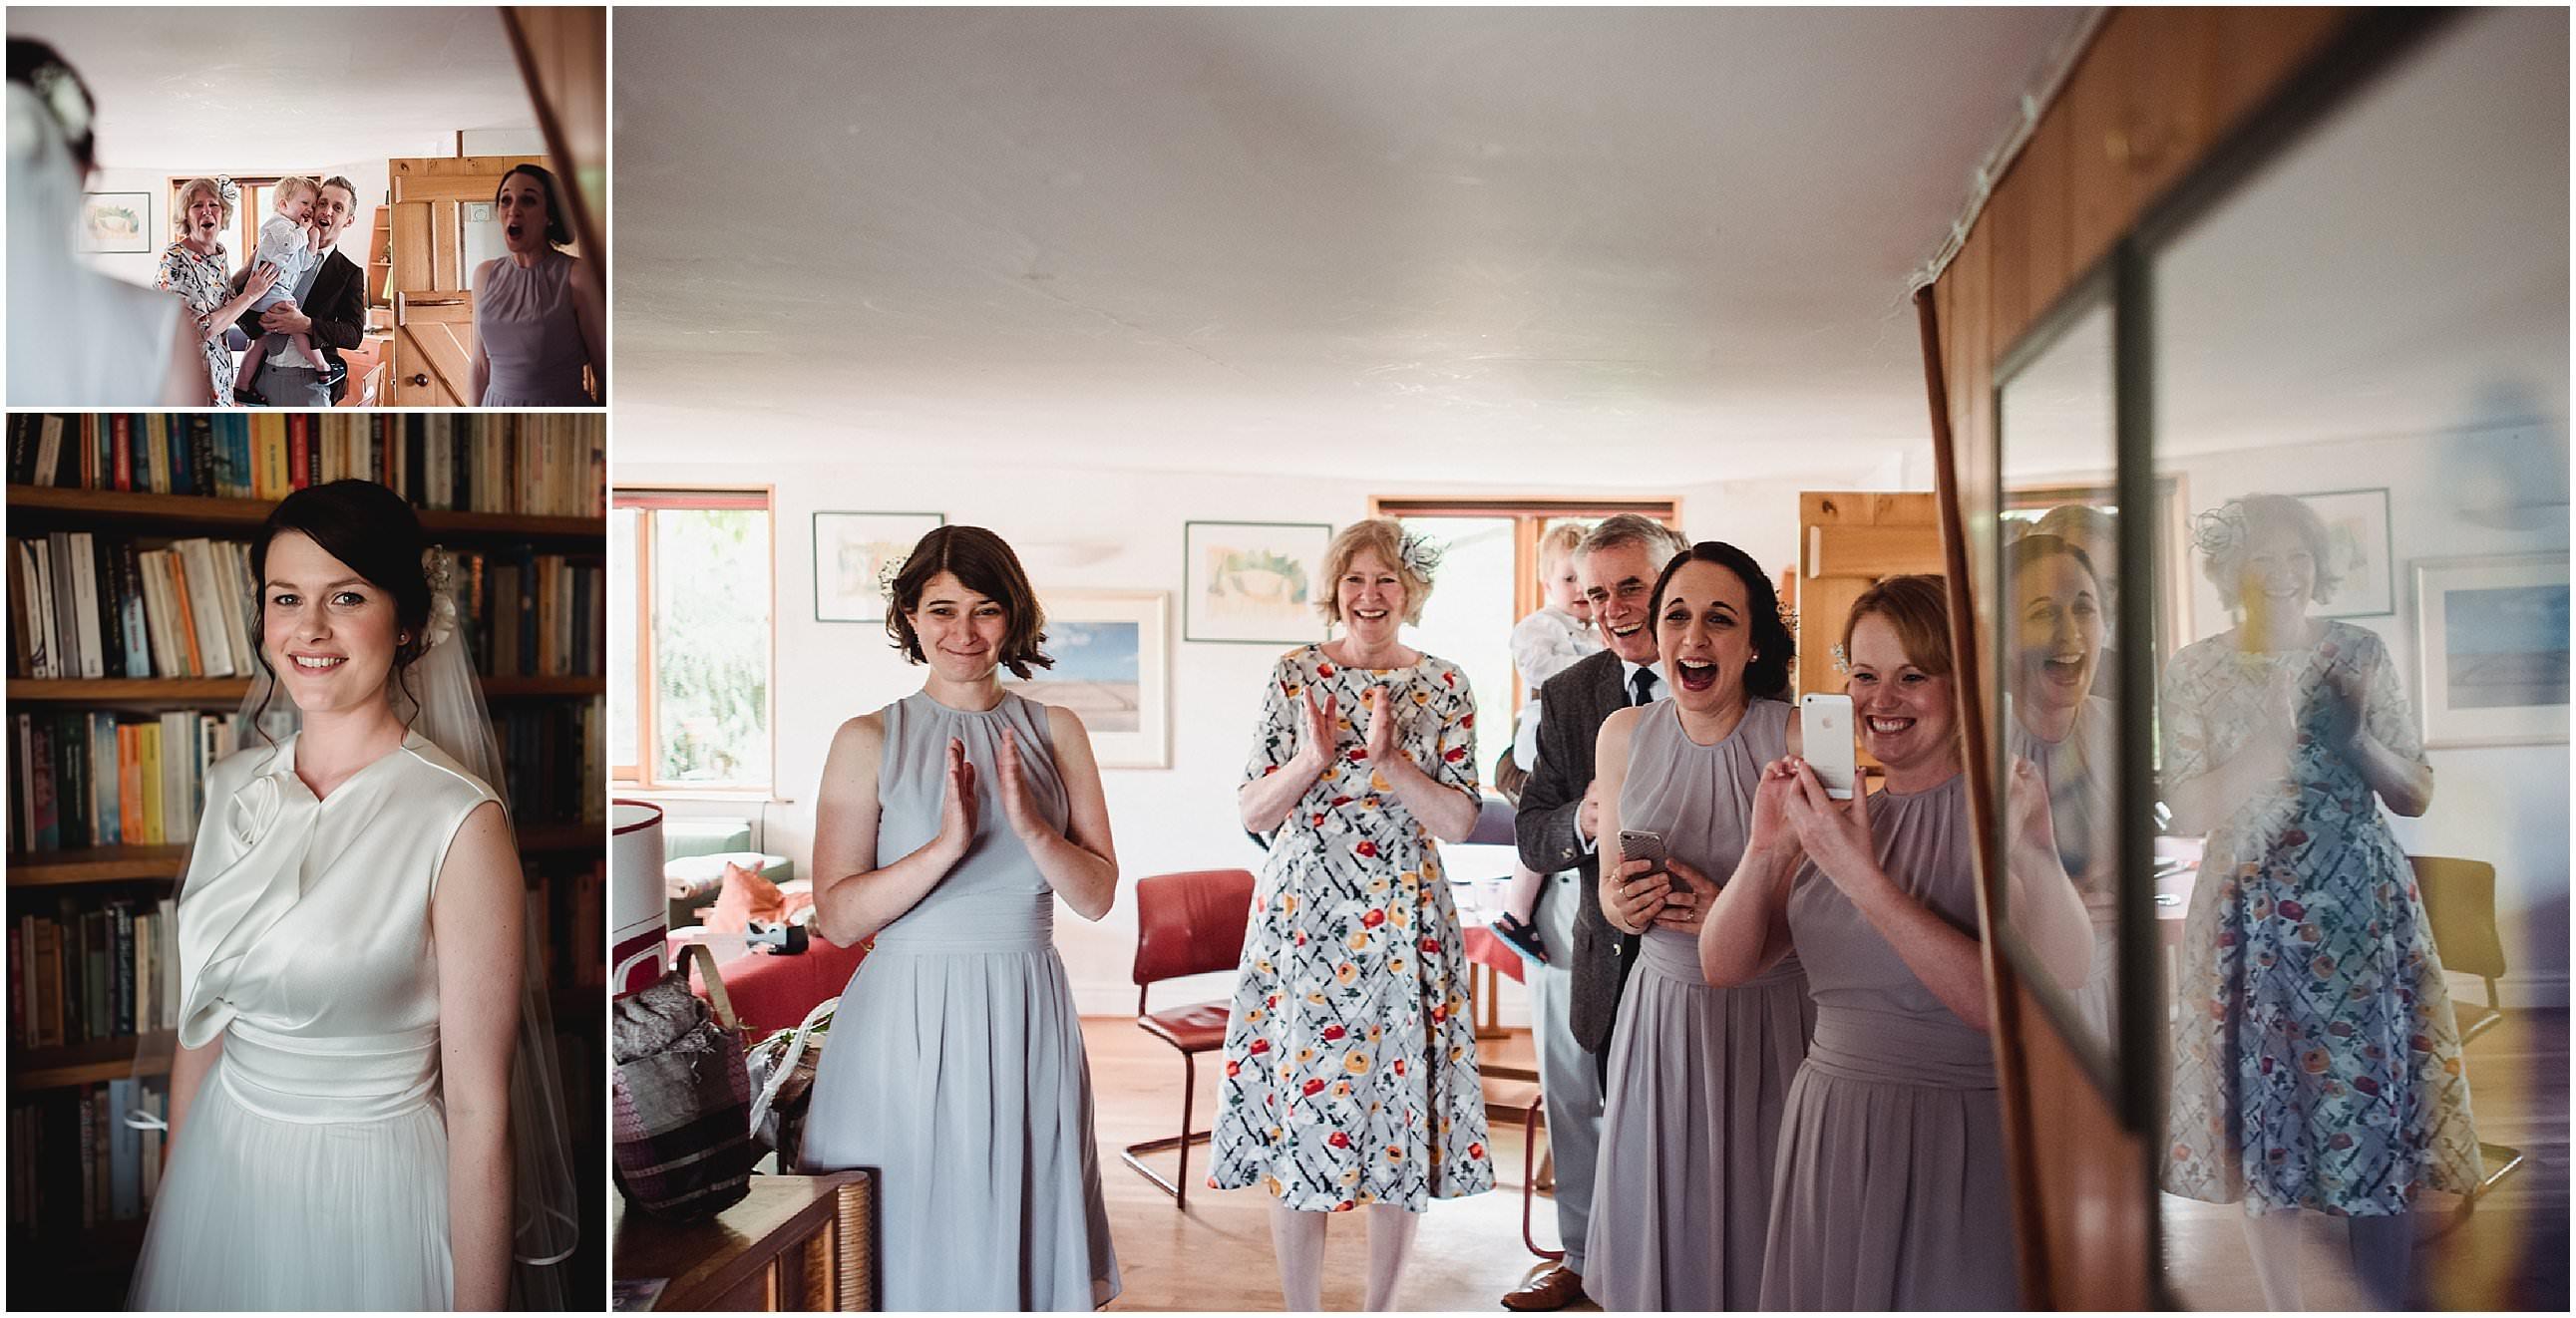 fay & tim wedding at ashley wood farm_0449